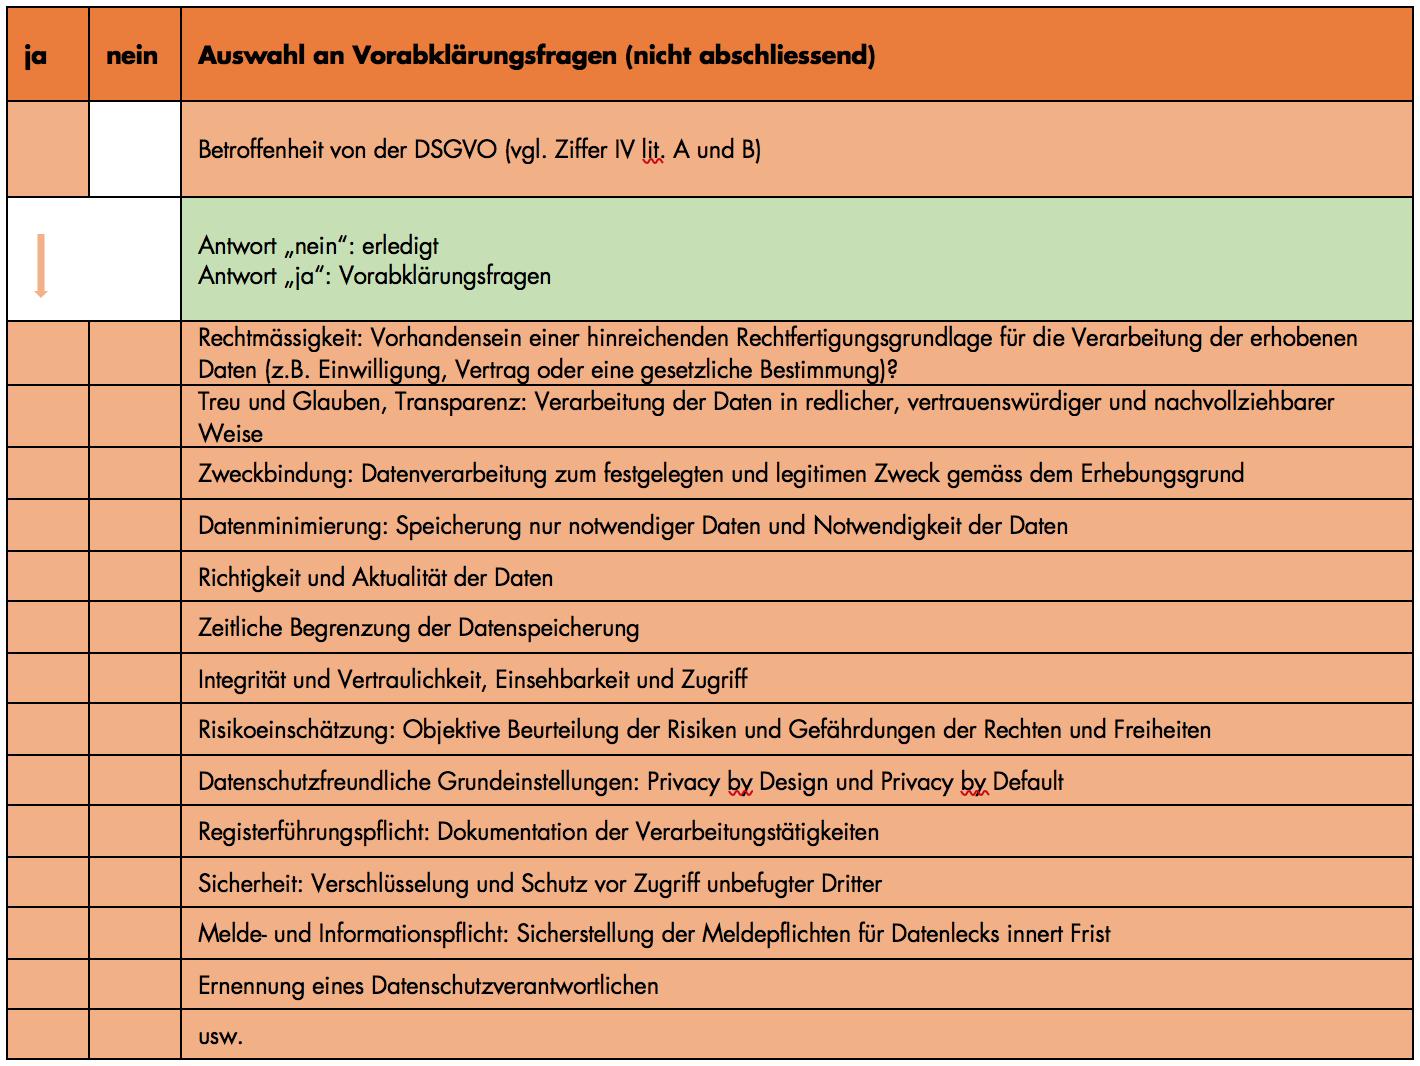 DSGVO: Betroffenheit Vorabklärungsfragen (nicht abschliessend)